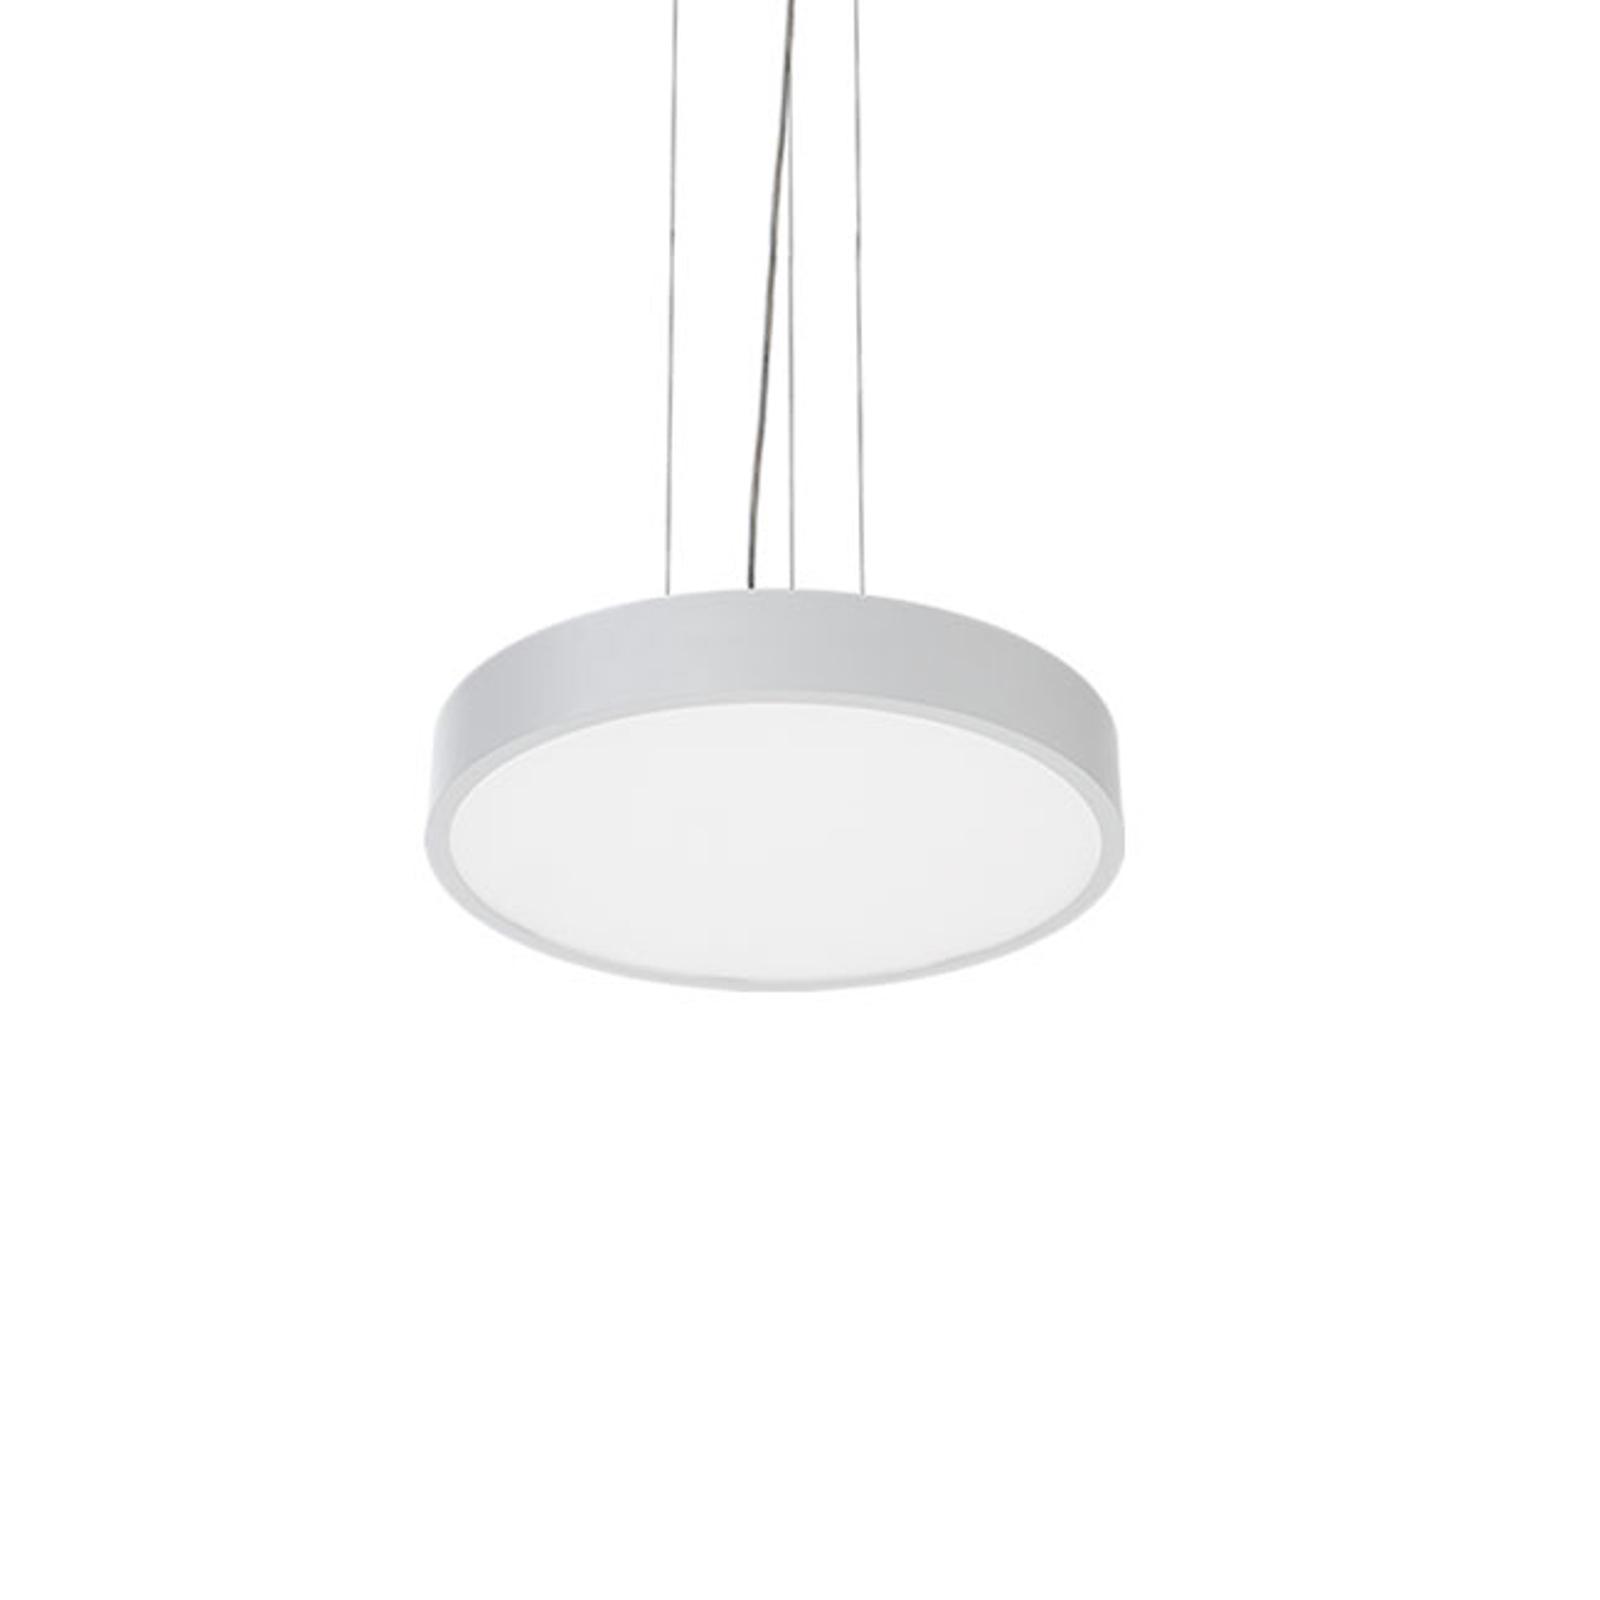 Suspension LED C90-P, Ø 57cm, 3000K, blanche